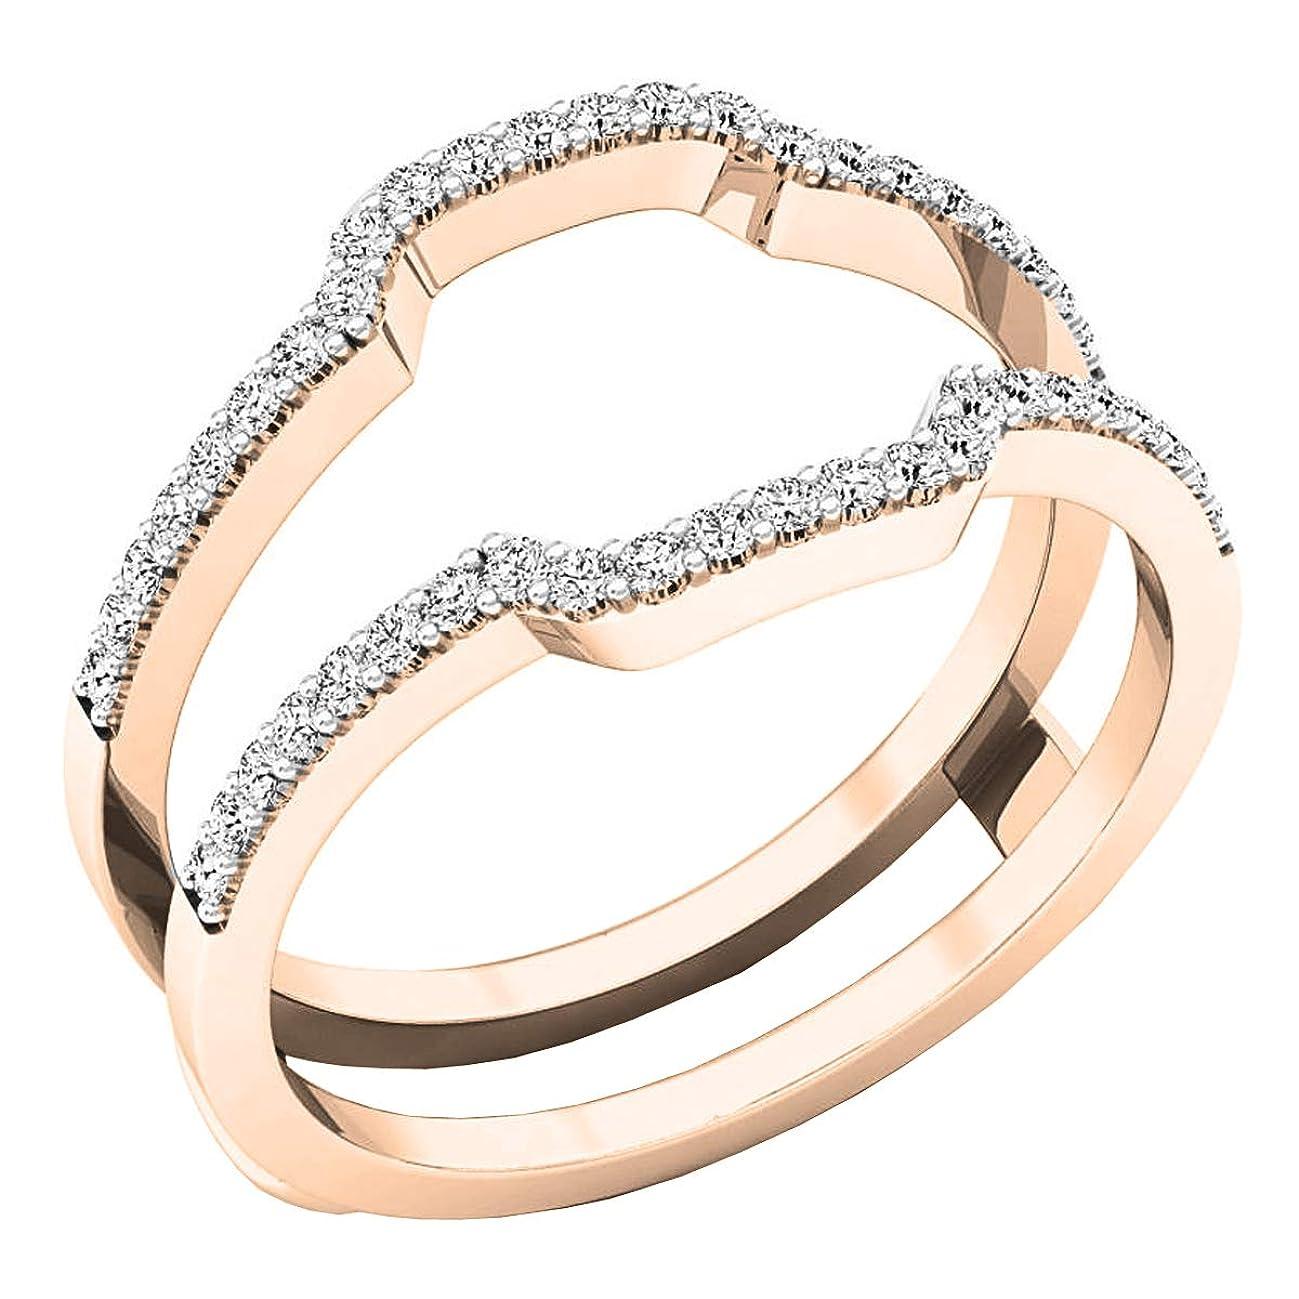 0.25 Carat (ctw) 14K Gold Round White Diamond Wedding Band Enhancer Guard Ring 1/4 CT